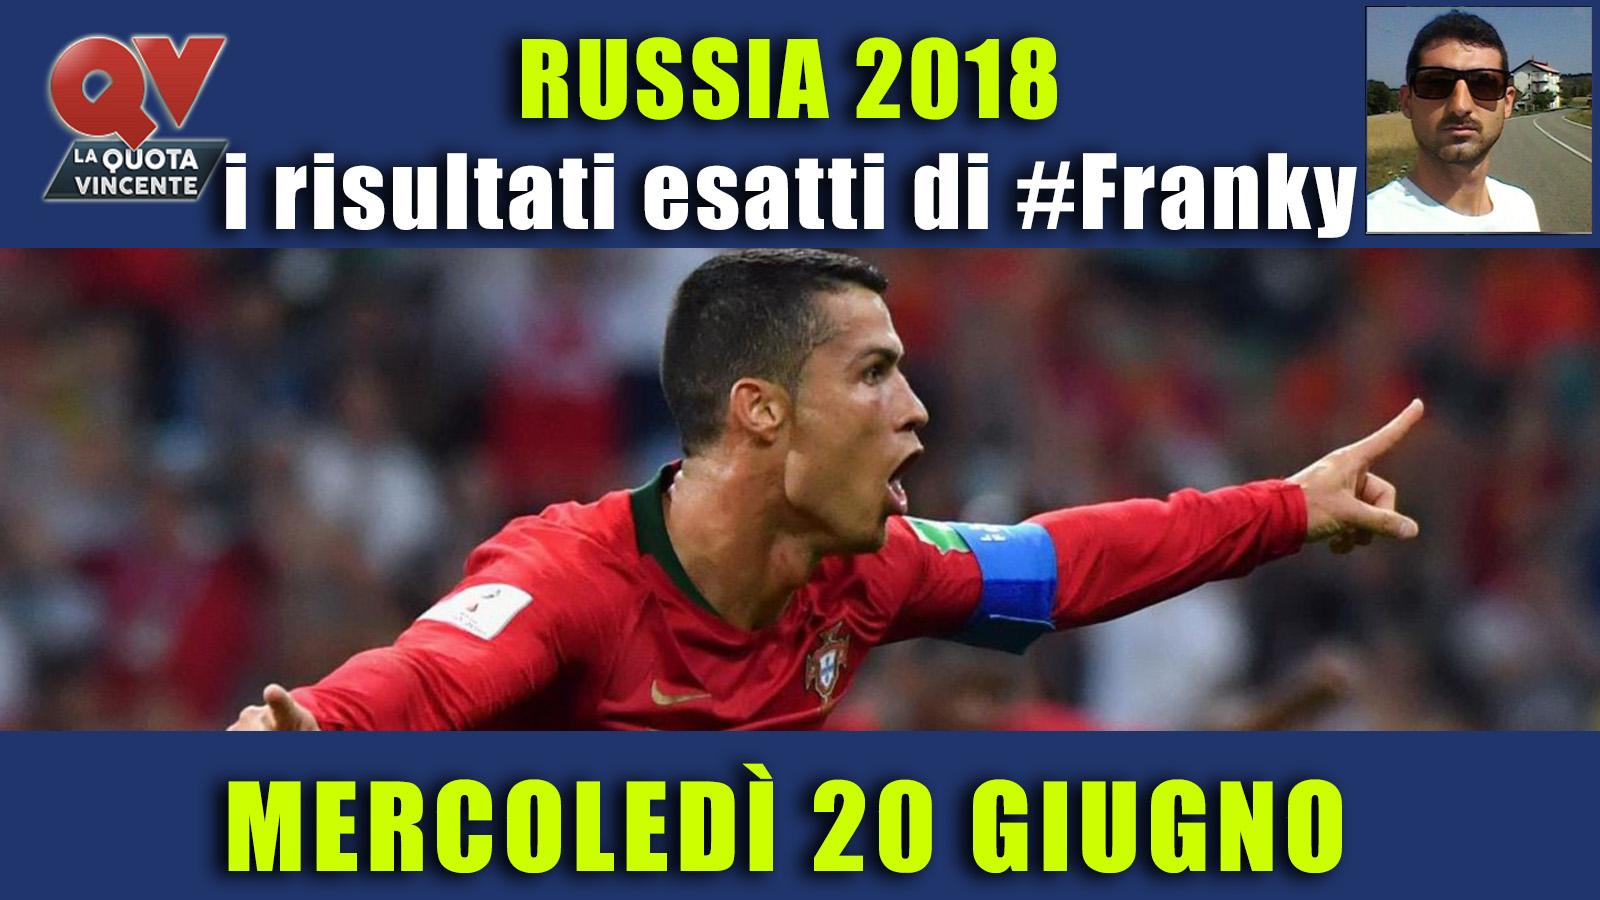 Pronostici risultati esatti Mondiali 20 giugno: le scelte di #FrankyDefa